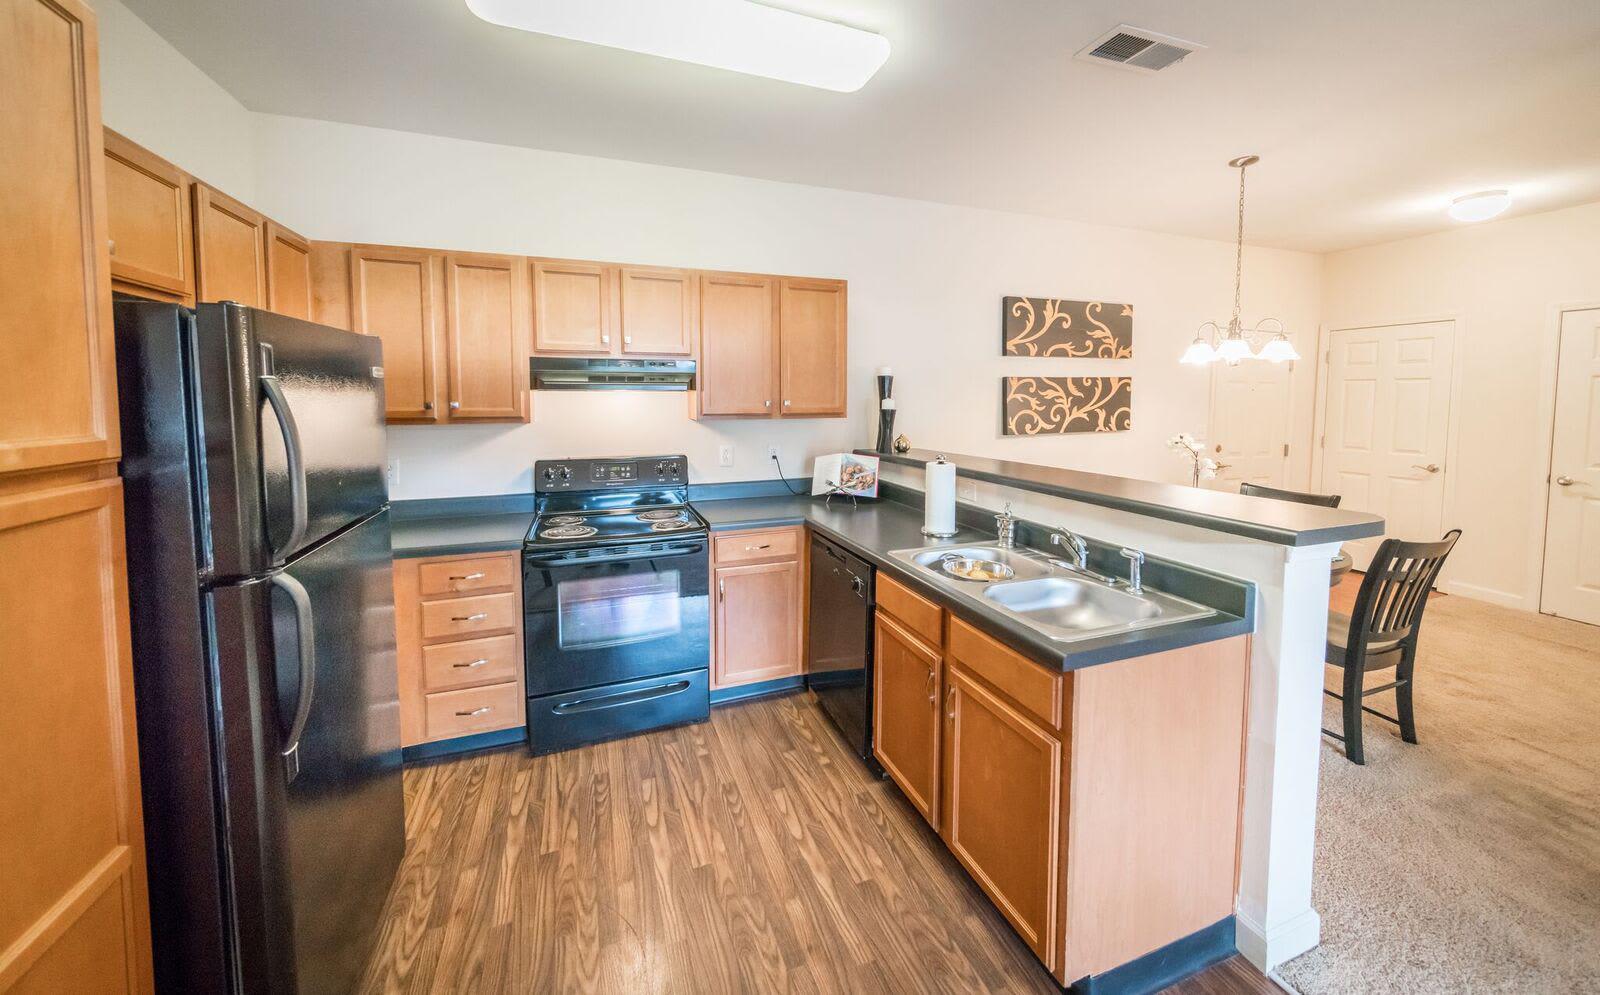 Beautiful kitchen at Pavilion at Plantation Way apartments in Macon, Georgia